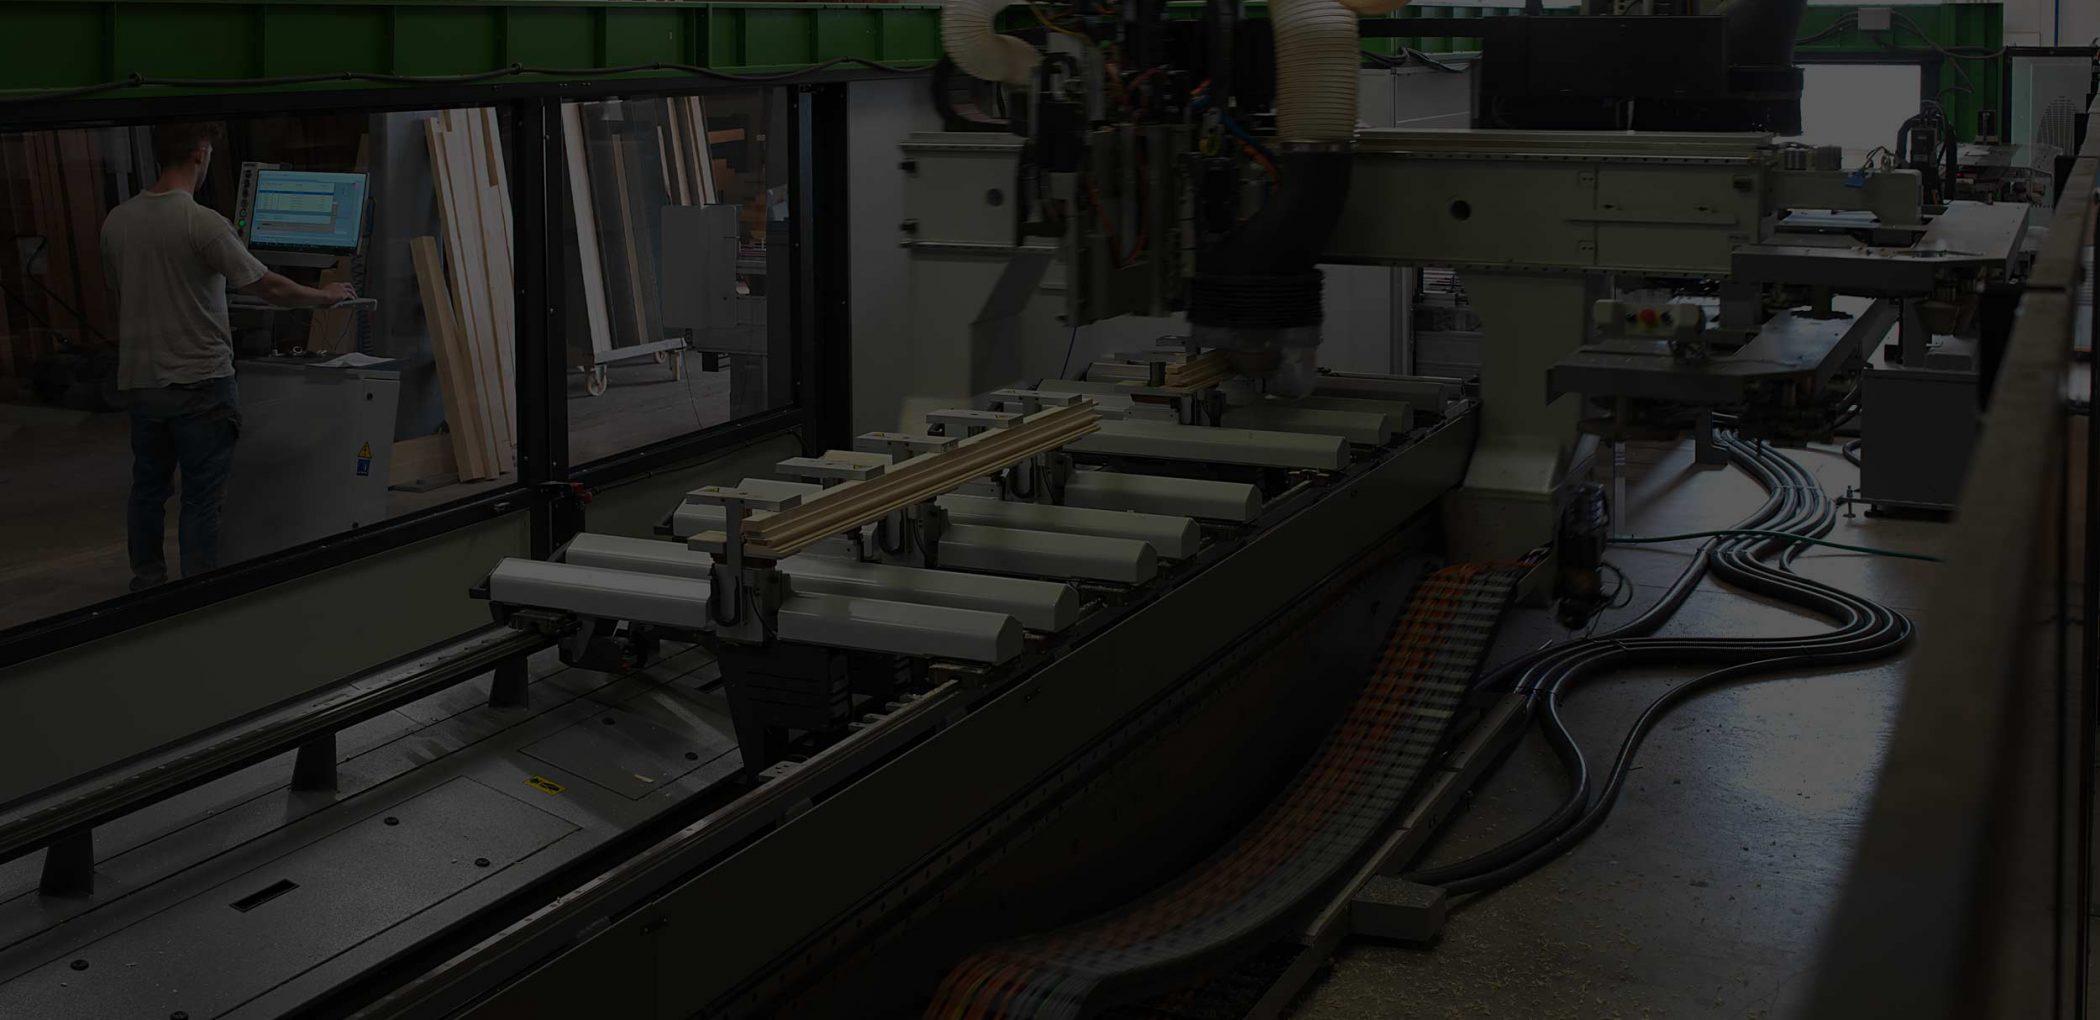 Vista della macchina per il taglio dei profili in produzione